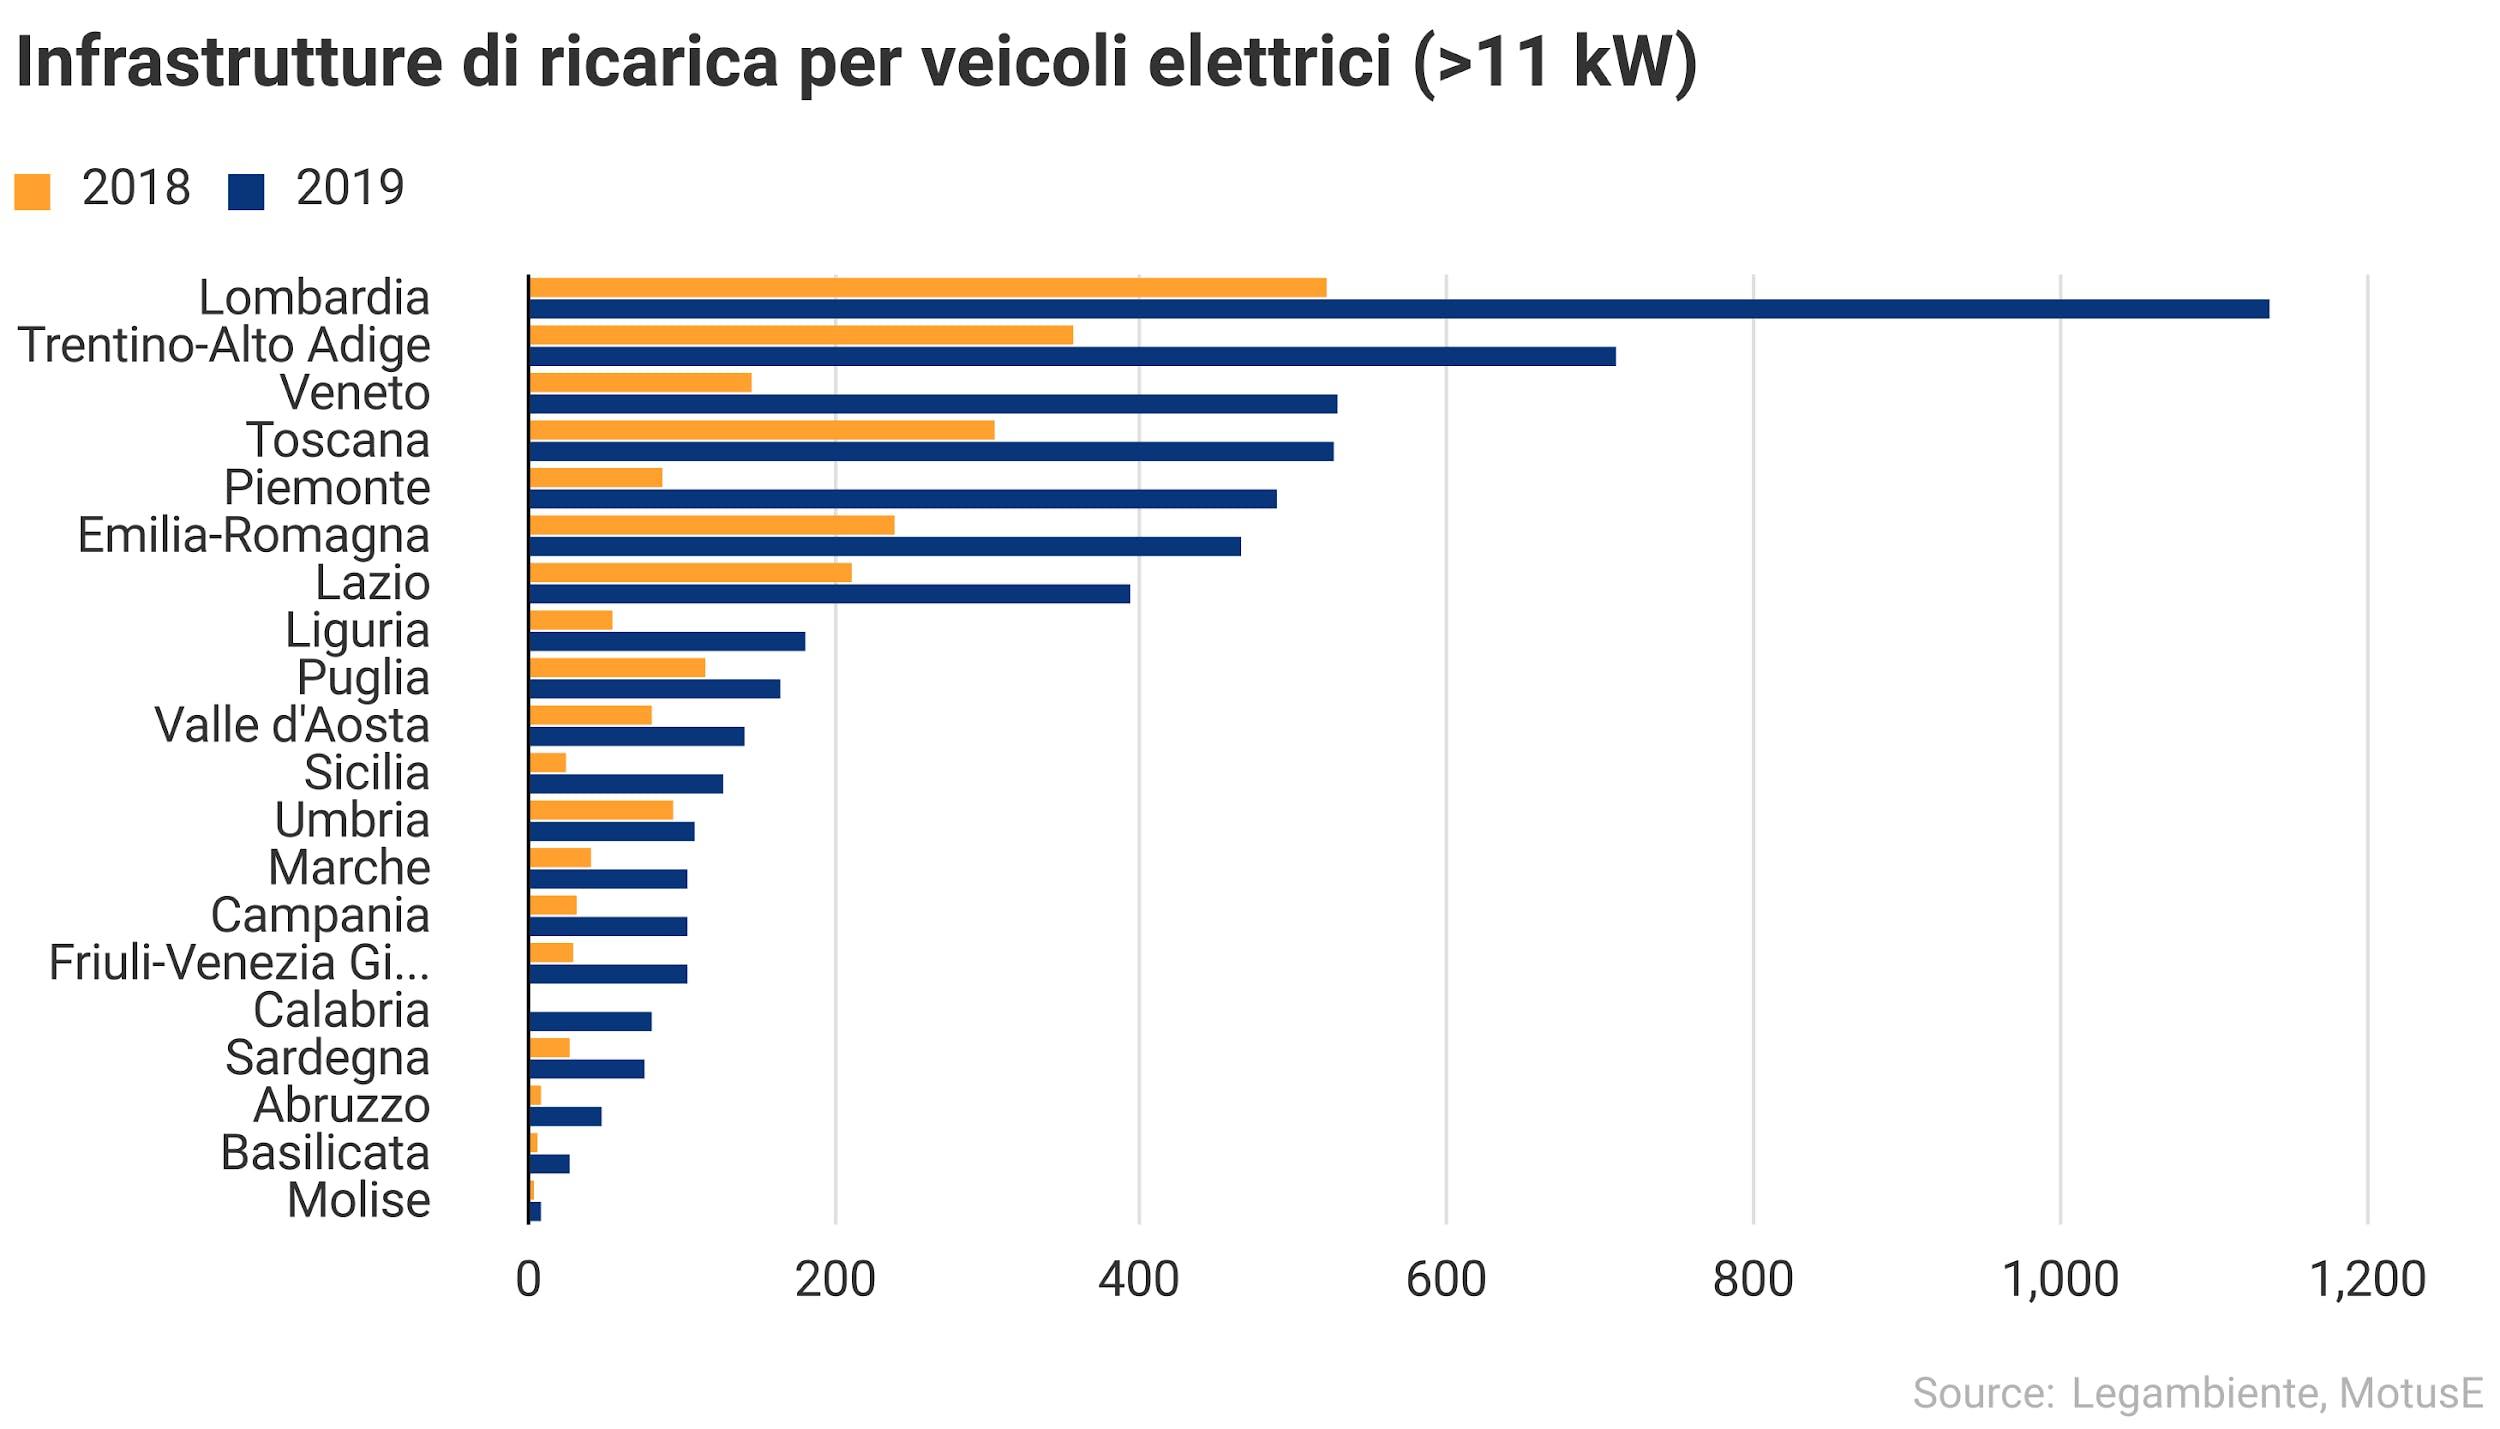 Infrastrutture di ricarica per veicoli elettrici maggiori 11kW